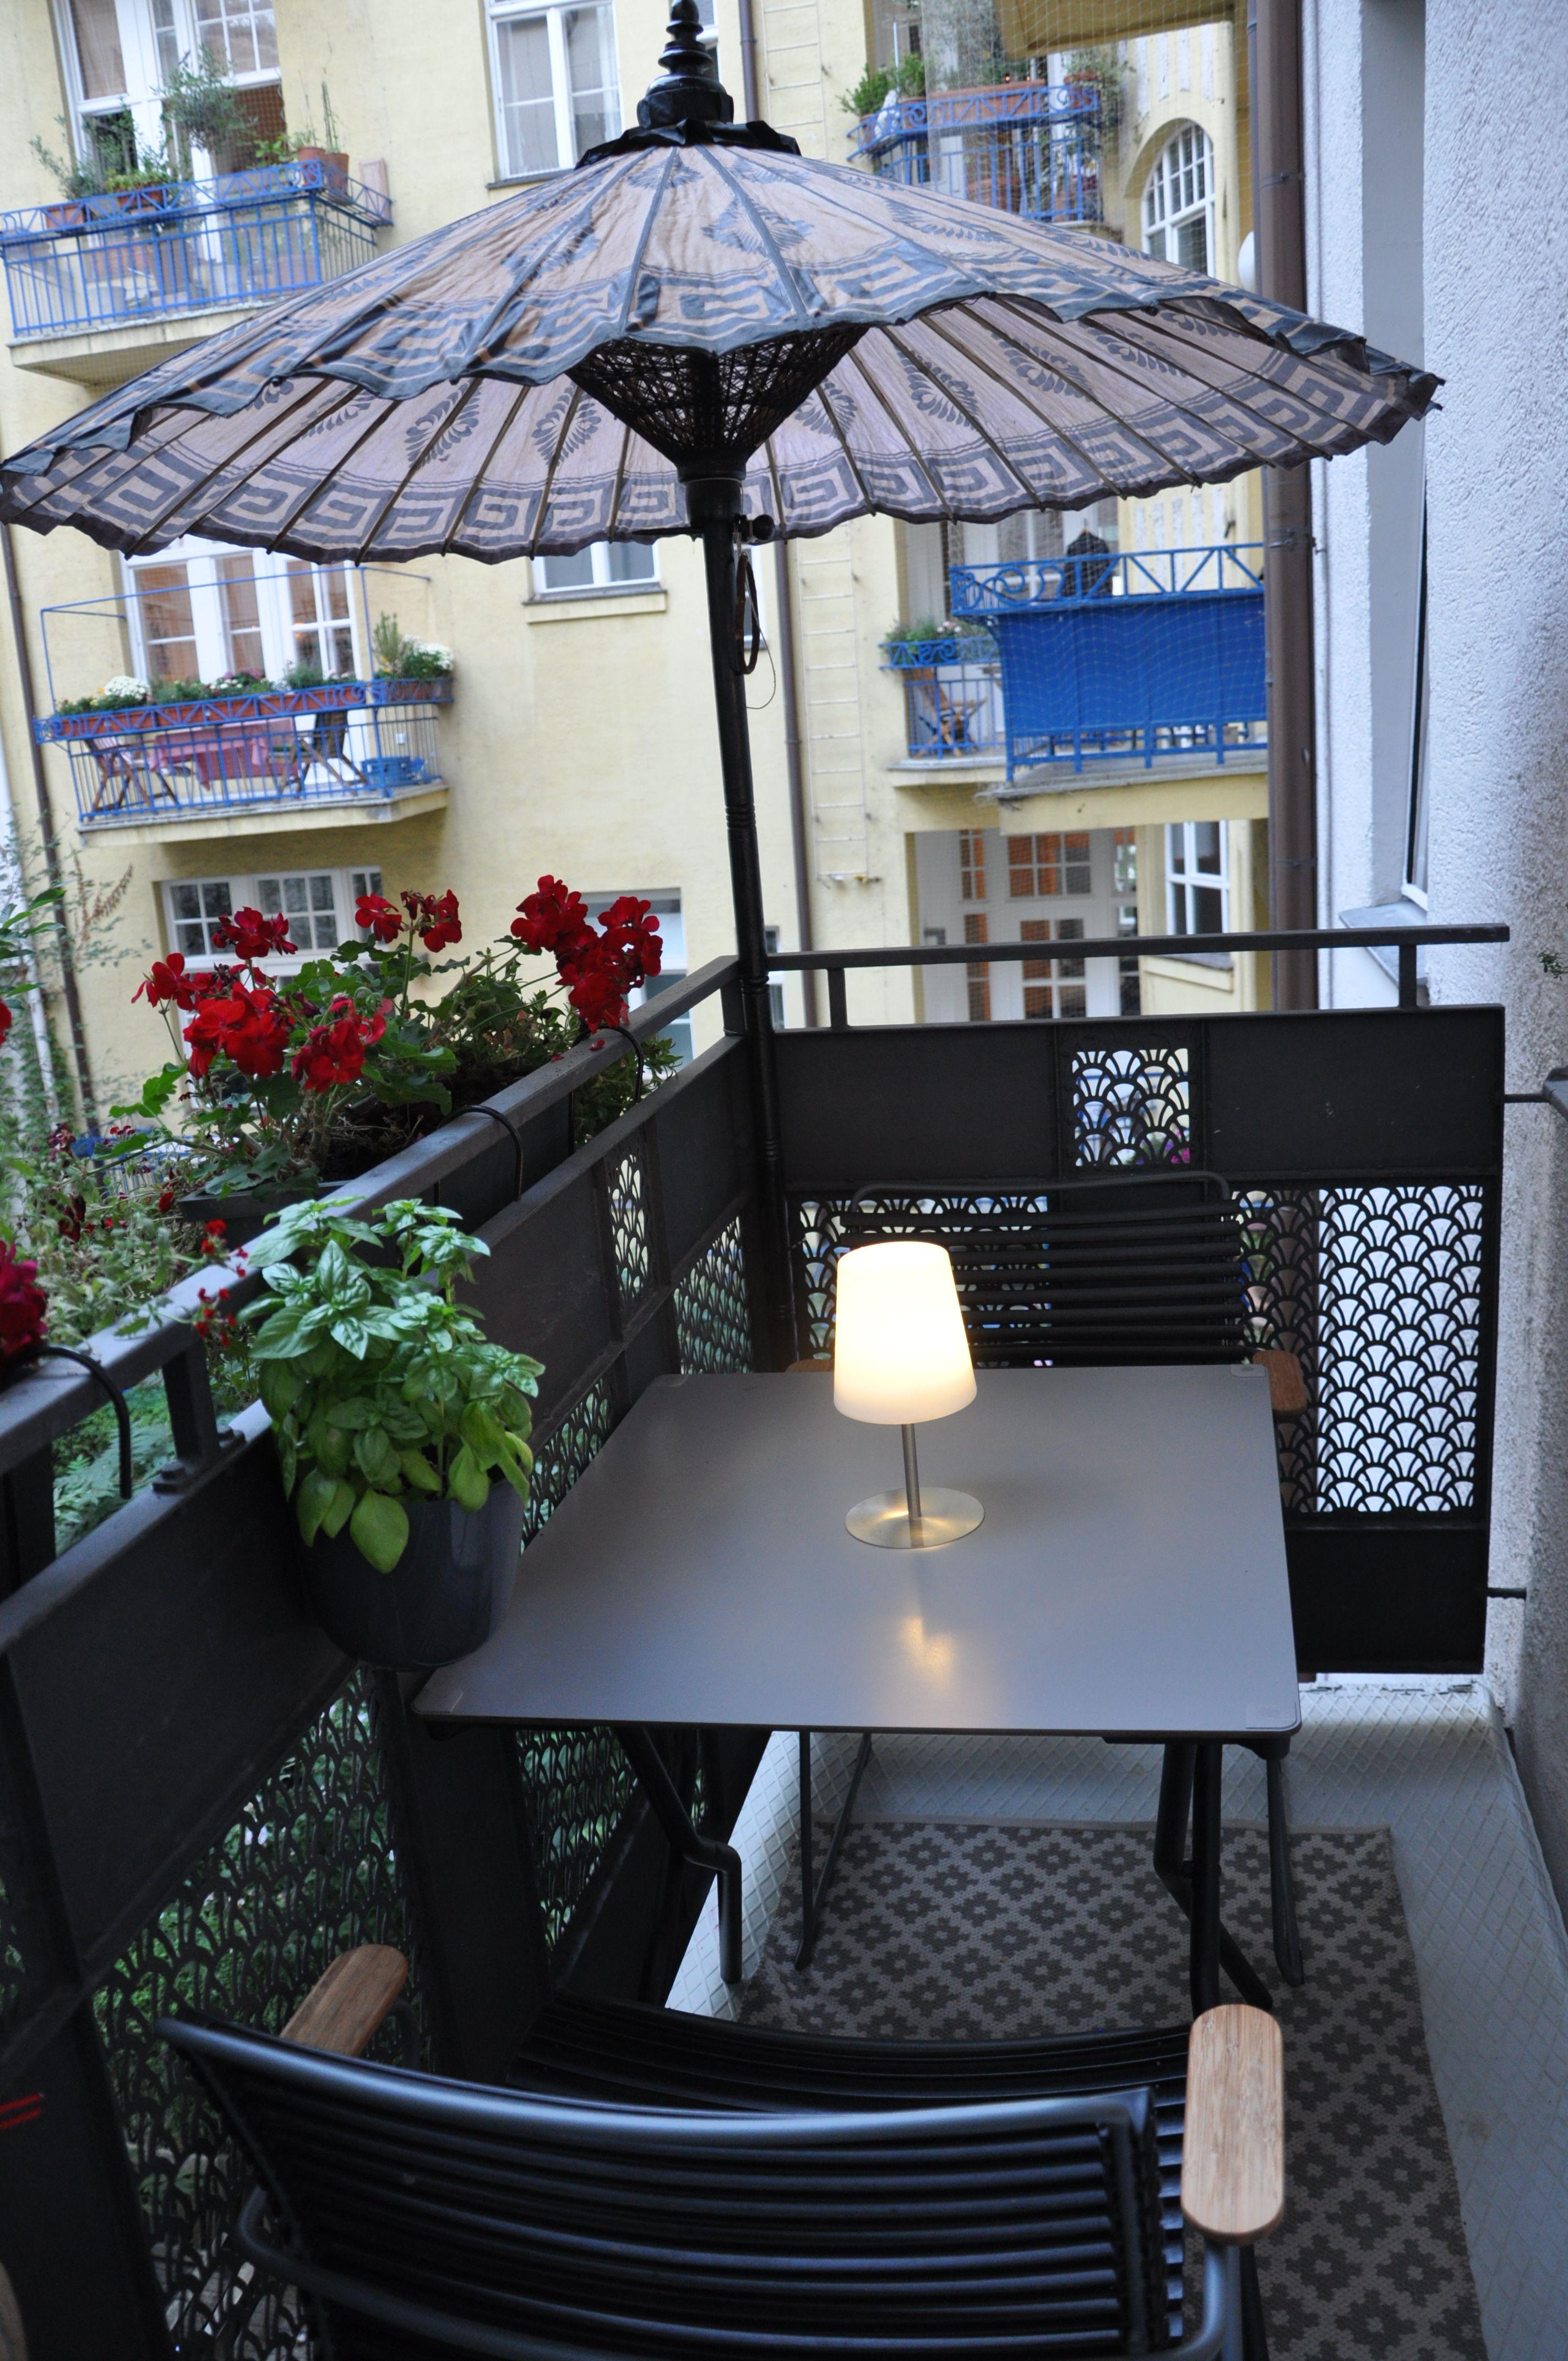 Balkonmöbel- Metall- Klapptisch- Sonnenschutz- Balkonpflanzen ...